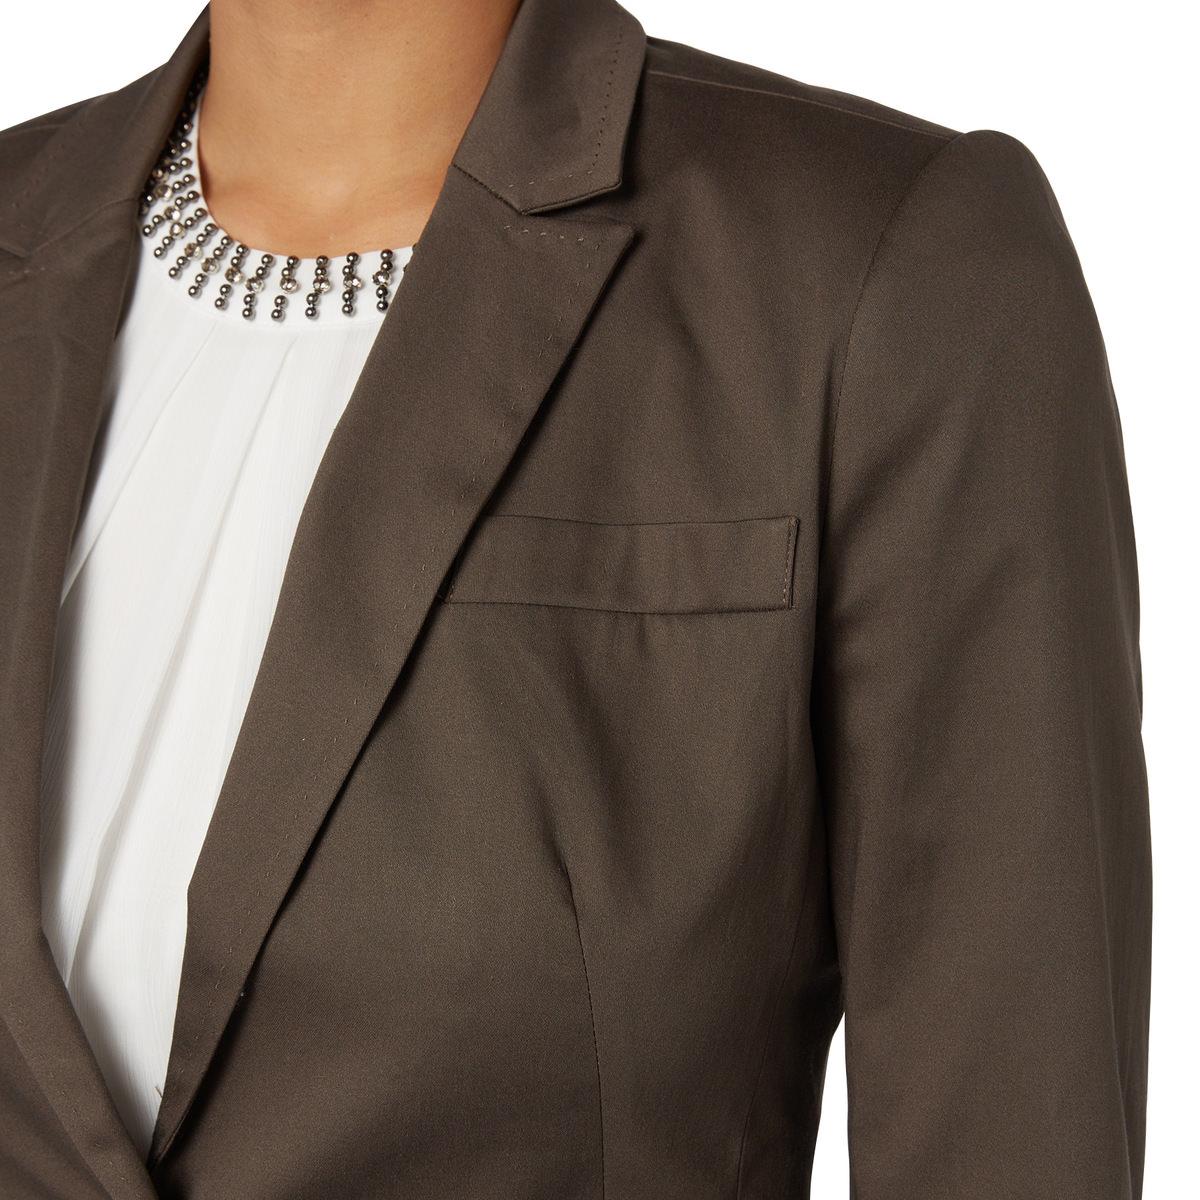 Blazer Ava aus leichter Baumwolle in nut brown